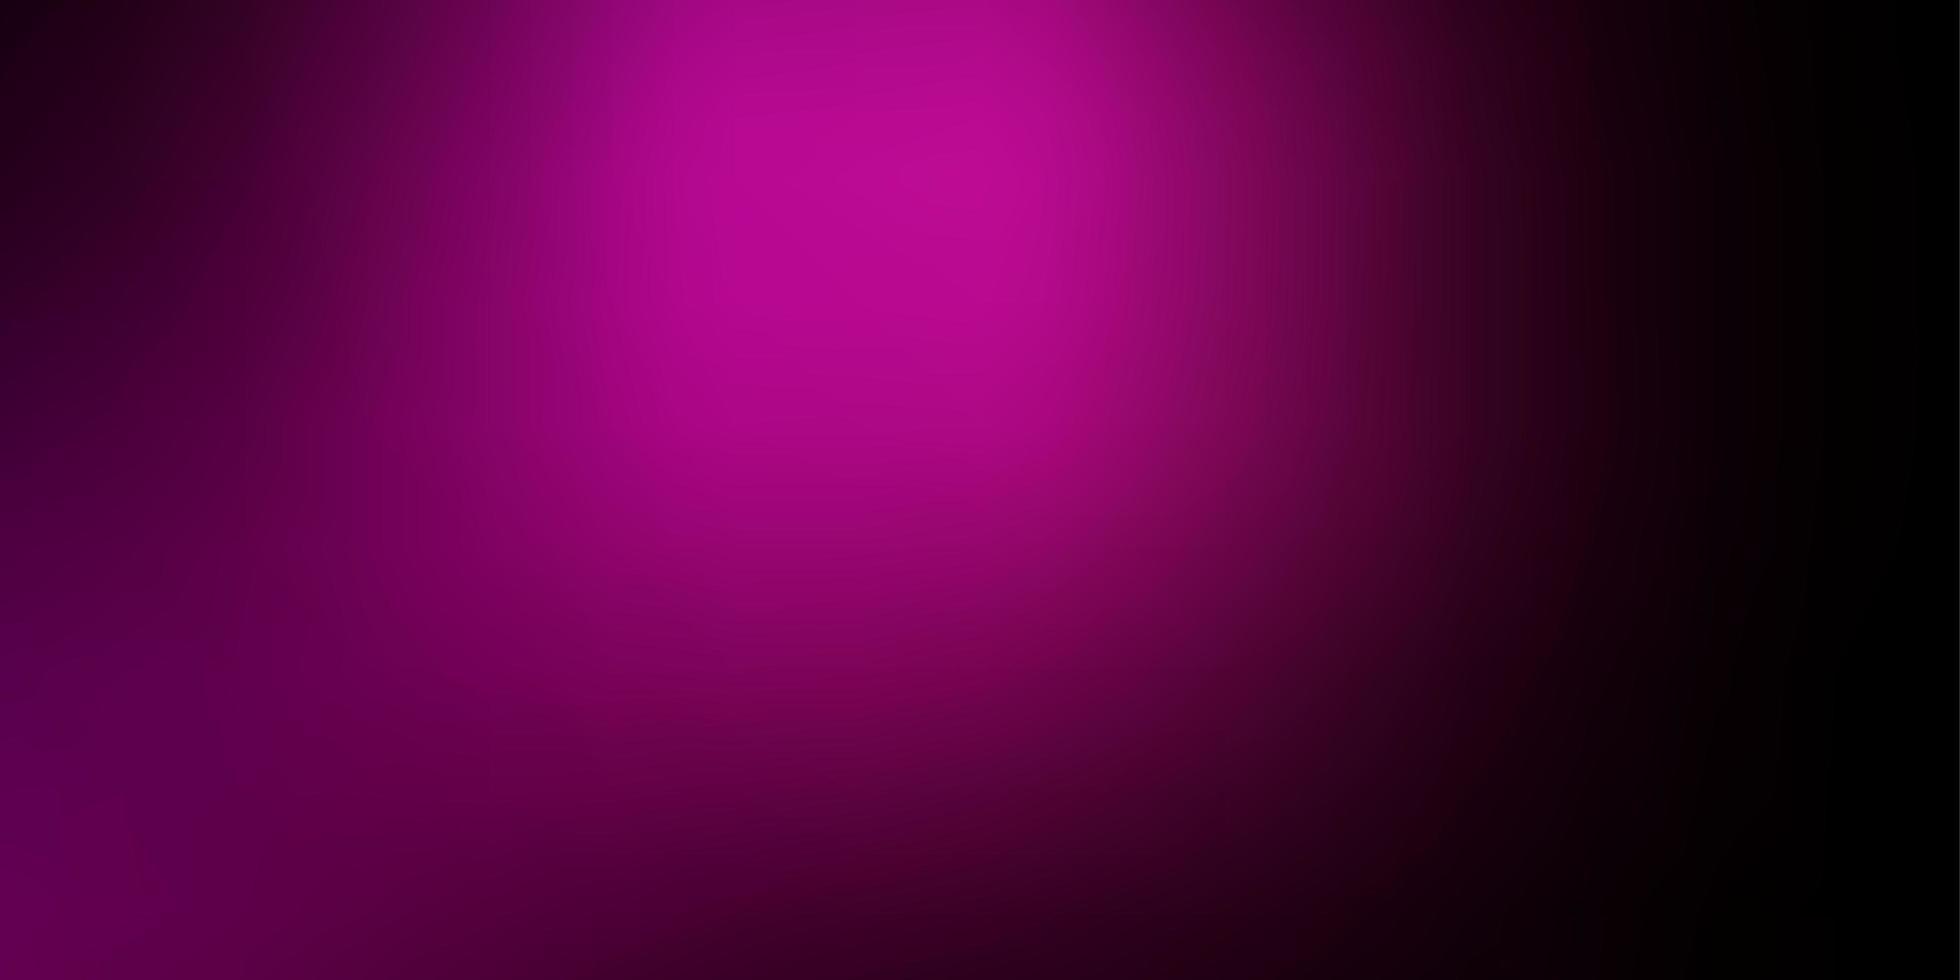 mörkrosa vektor suddig mall.